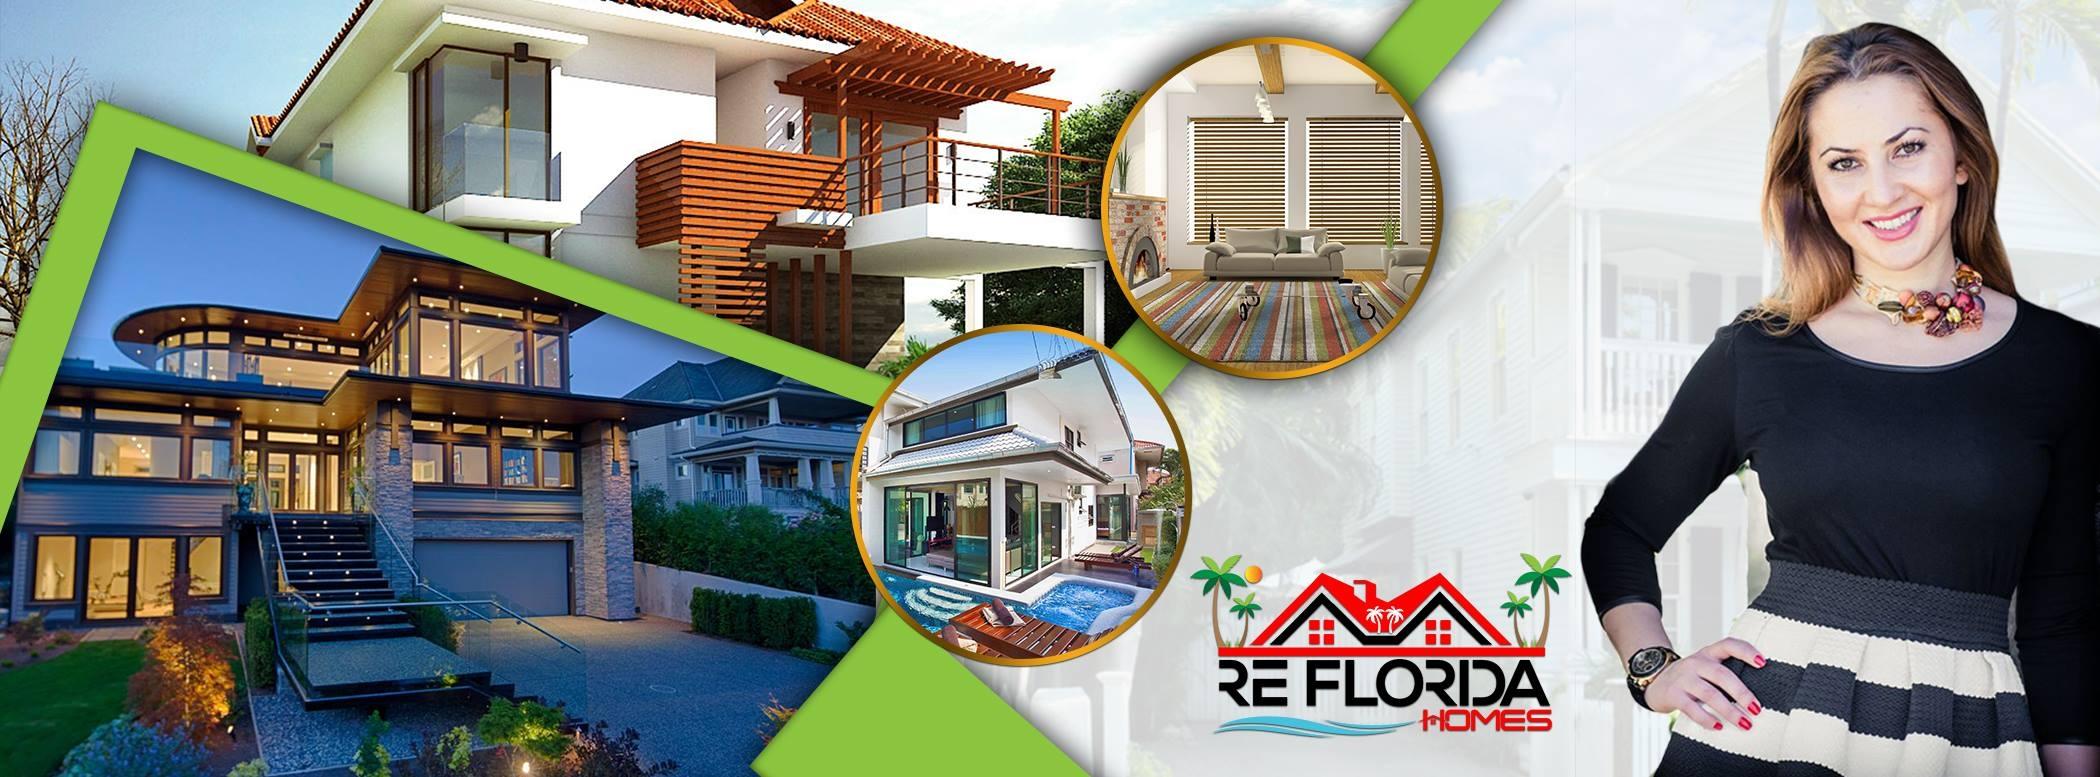 RE FLORIDA HOMES (@refloridahomesagents) Cover Image